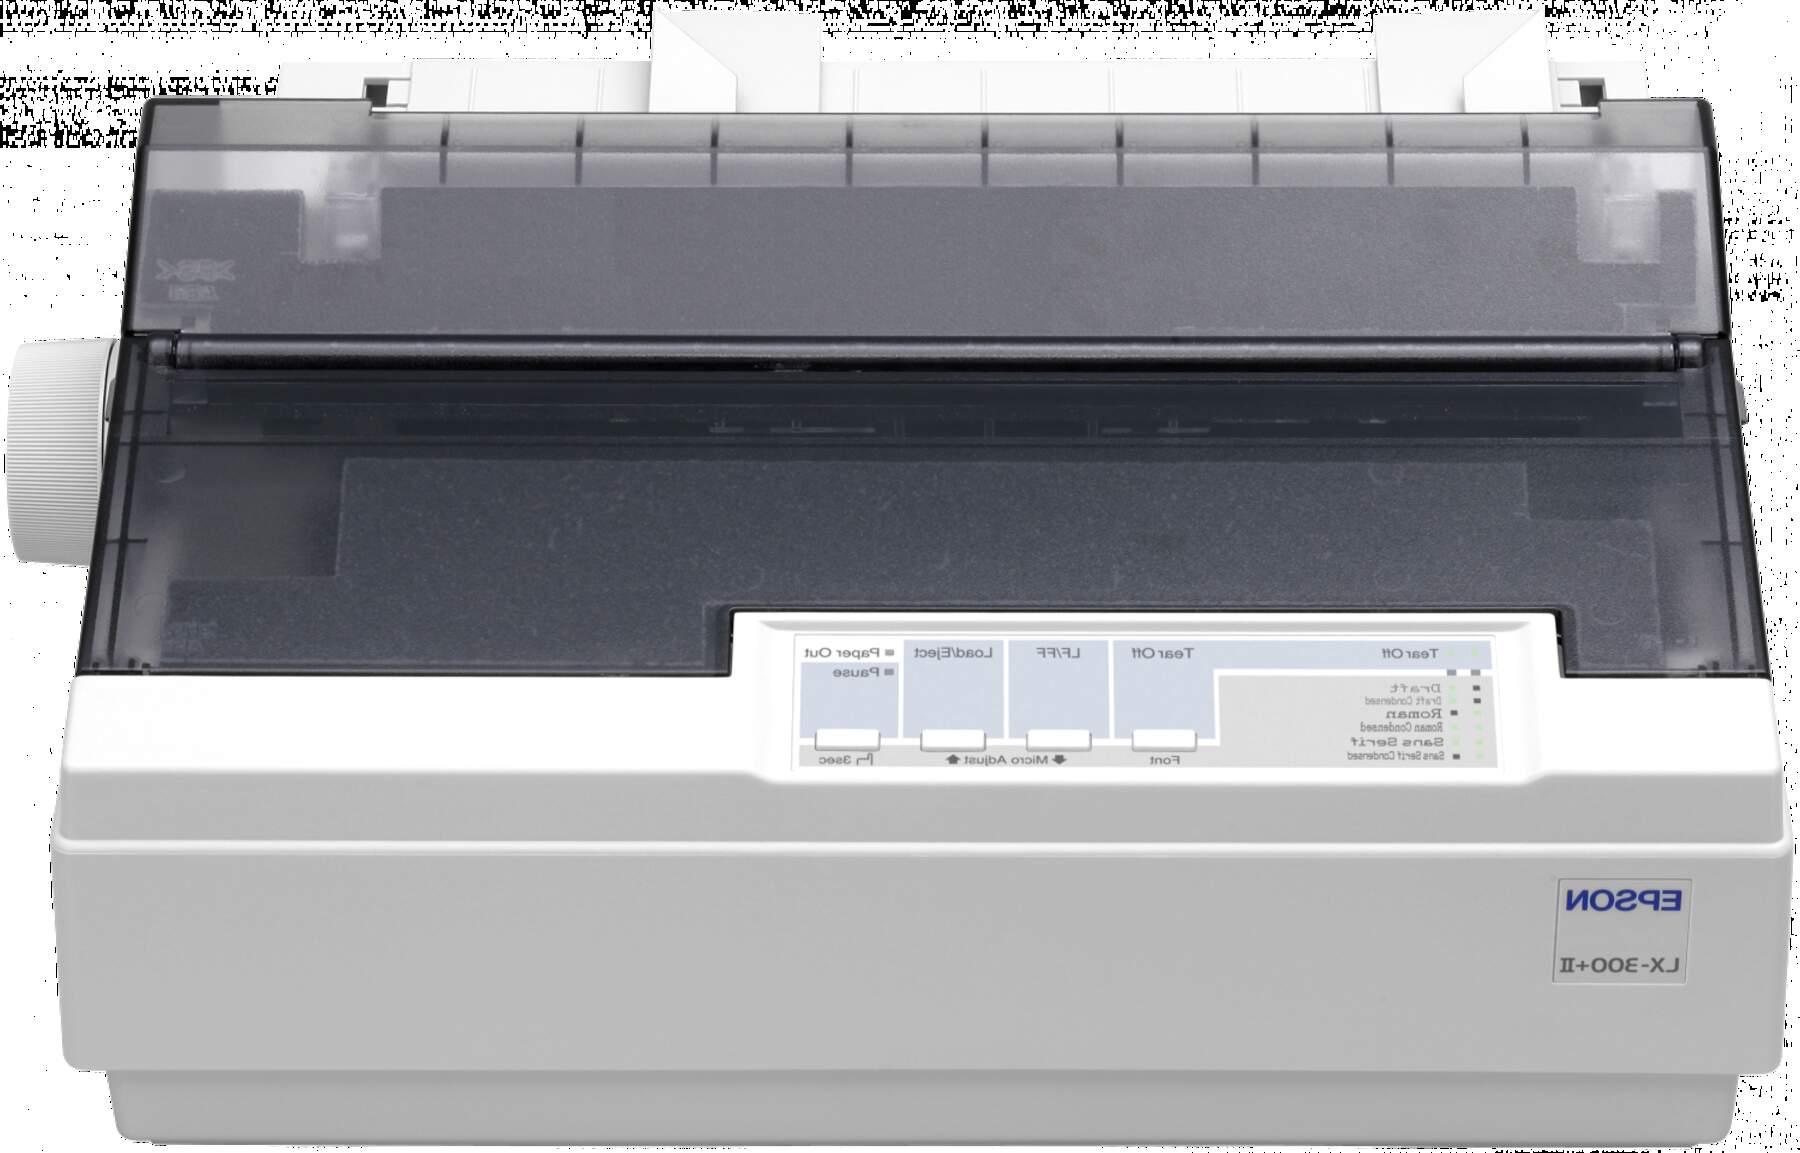 impresora epson lx 300 de segunda mano